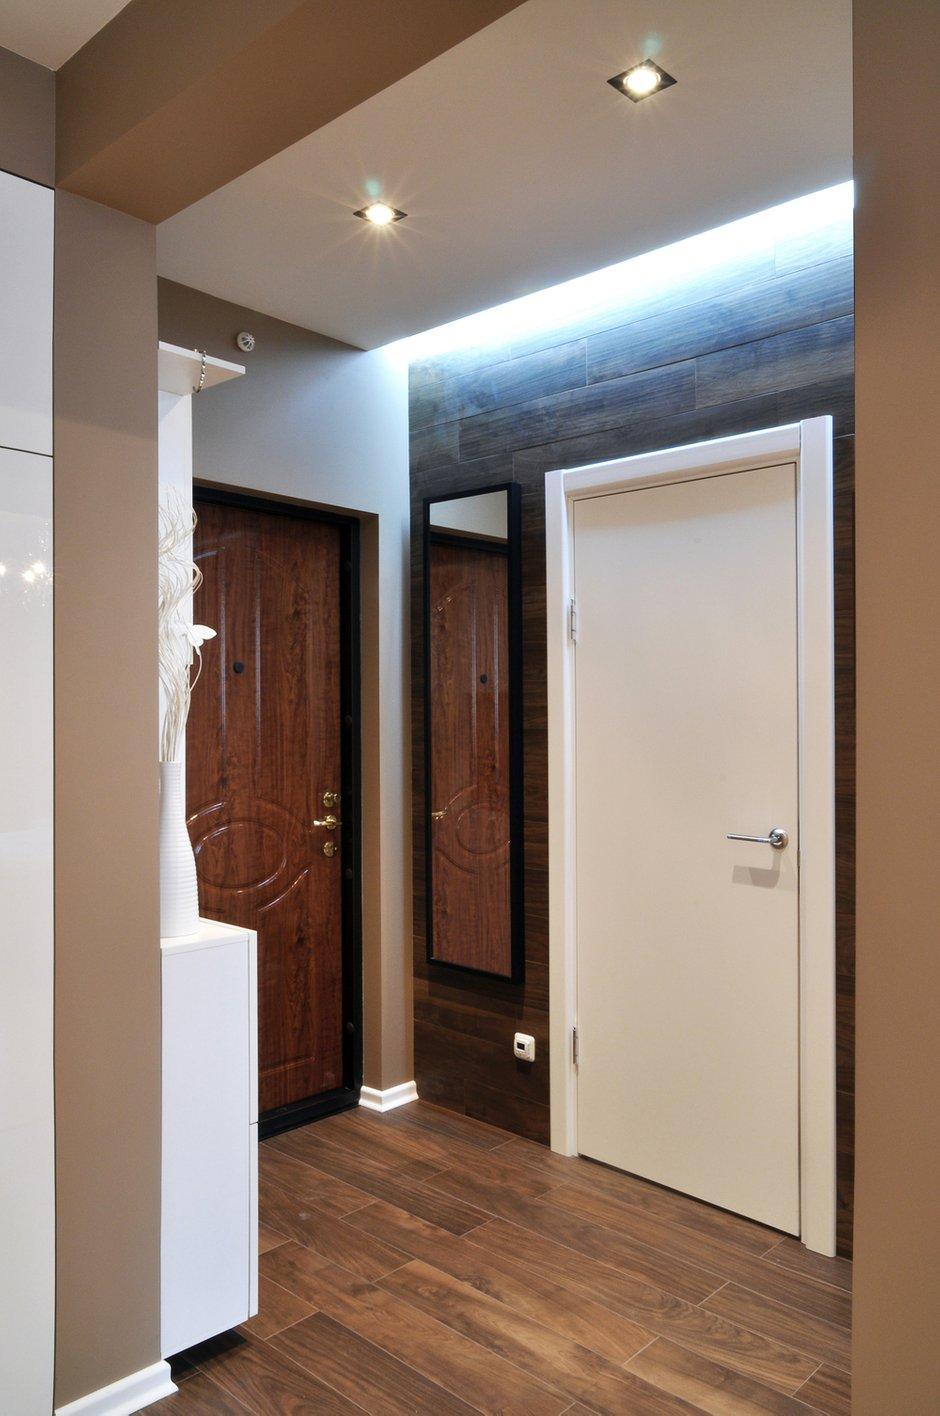 Фотография: Прихожая в стиле Скандинавский, Современный, Малогабаритная квартира, Квартира, Цвет в интерьере, Дома и квартиры, Белый, Переделка – фото на INMYROOM